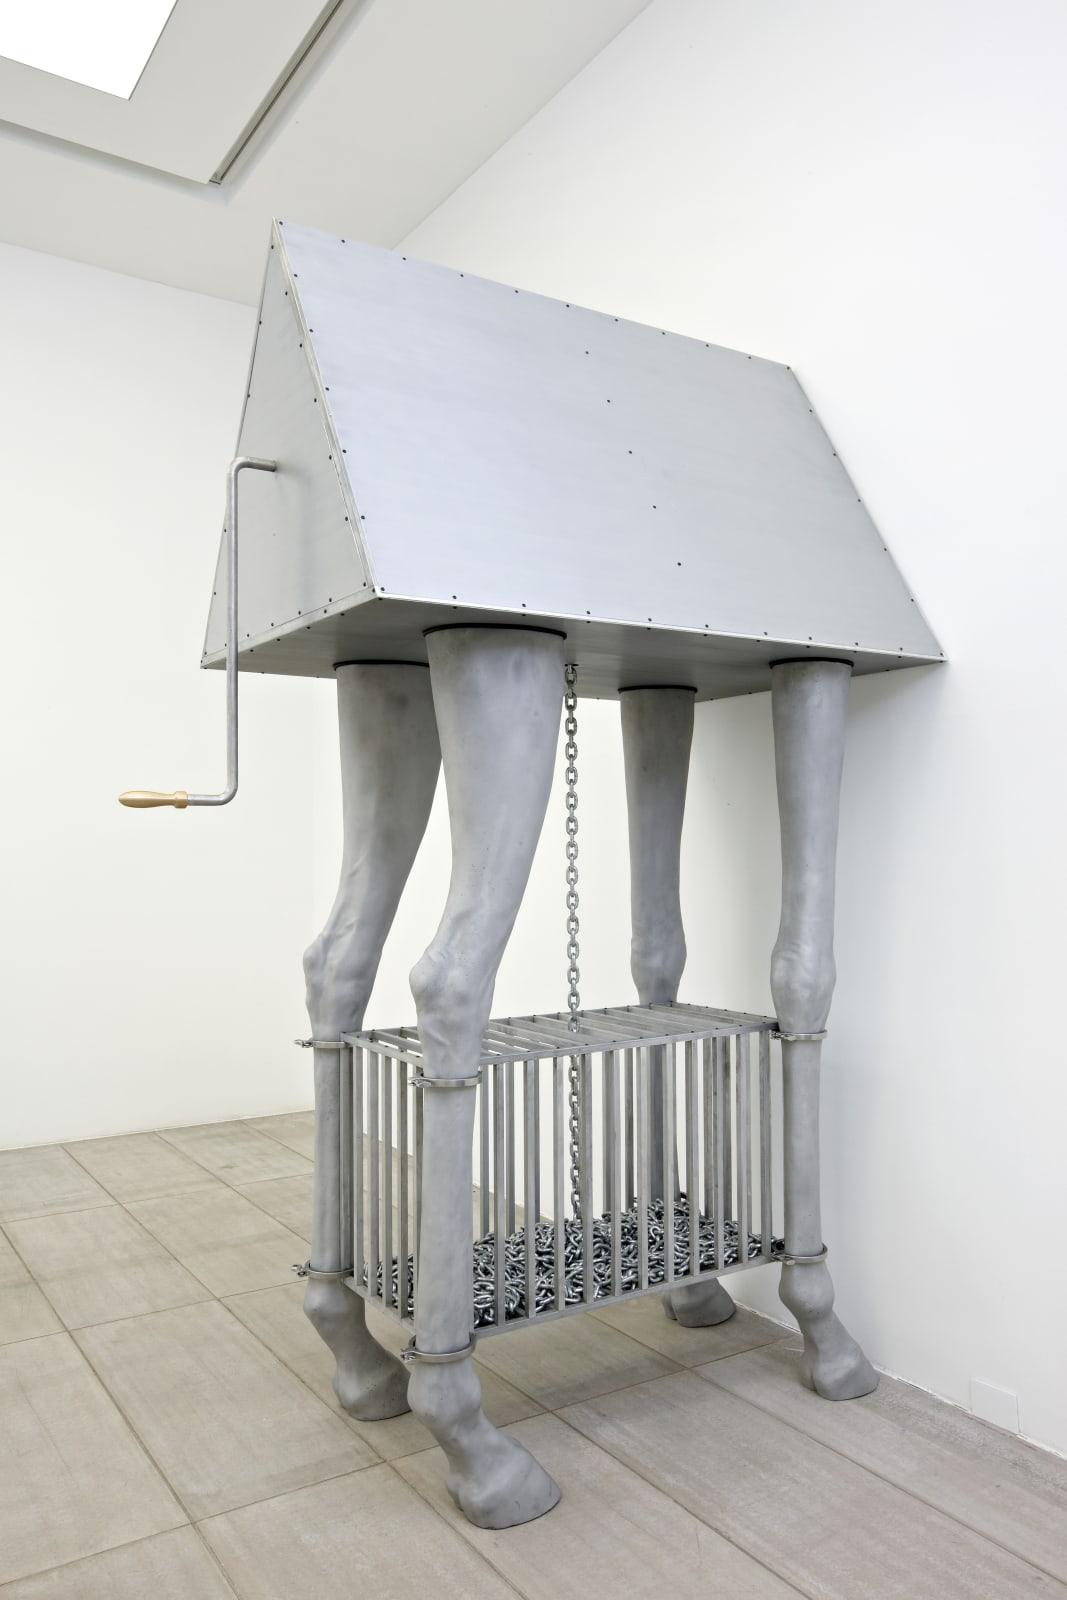 Gao Lei , M-275, 2012